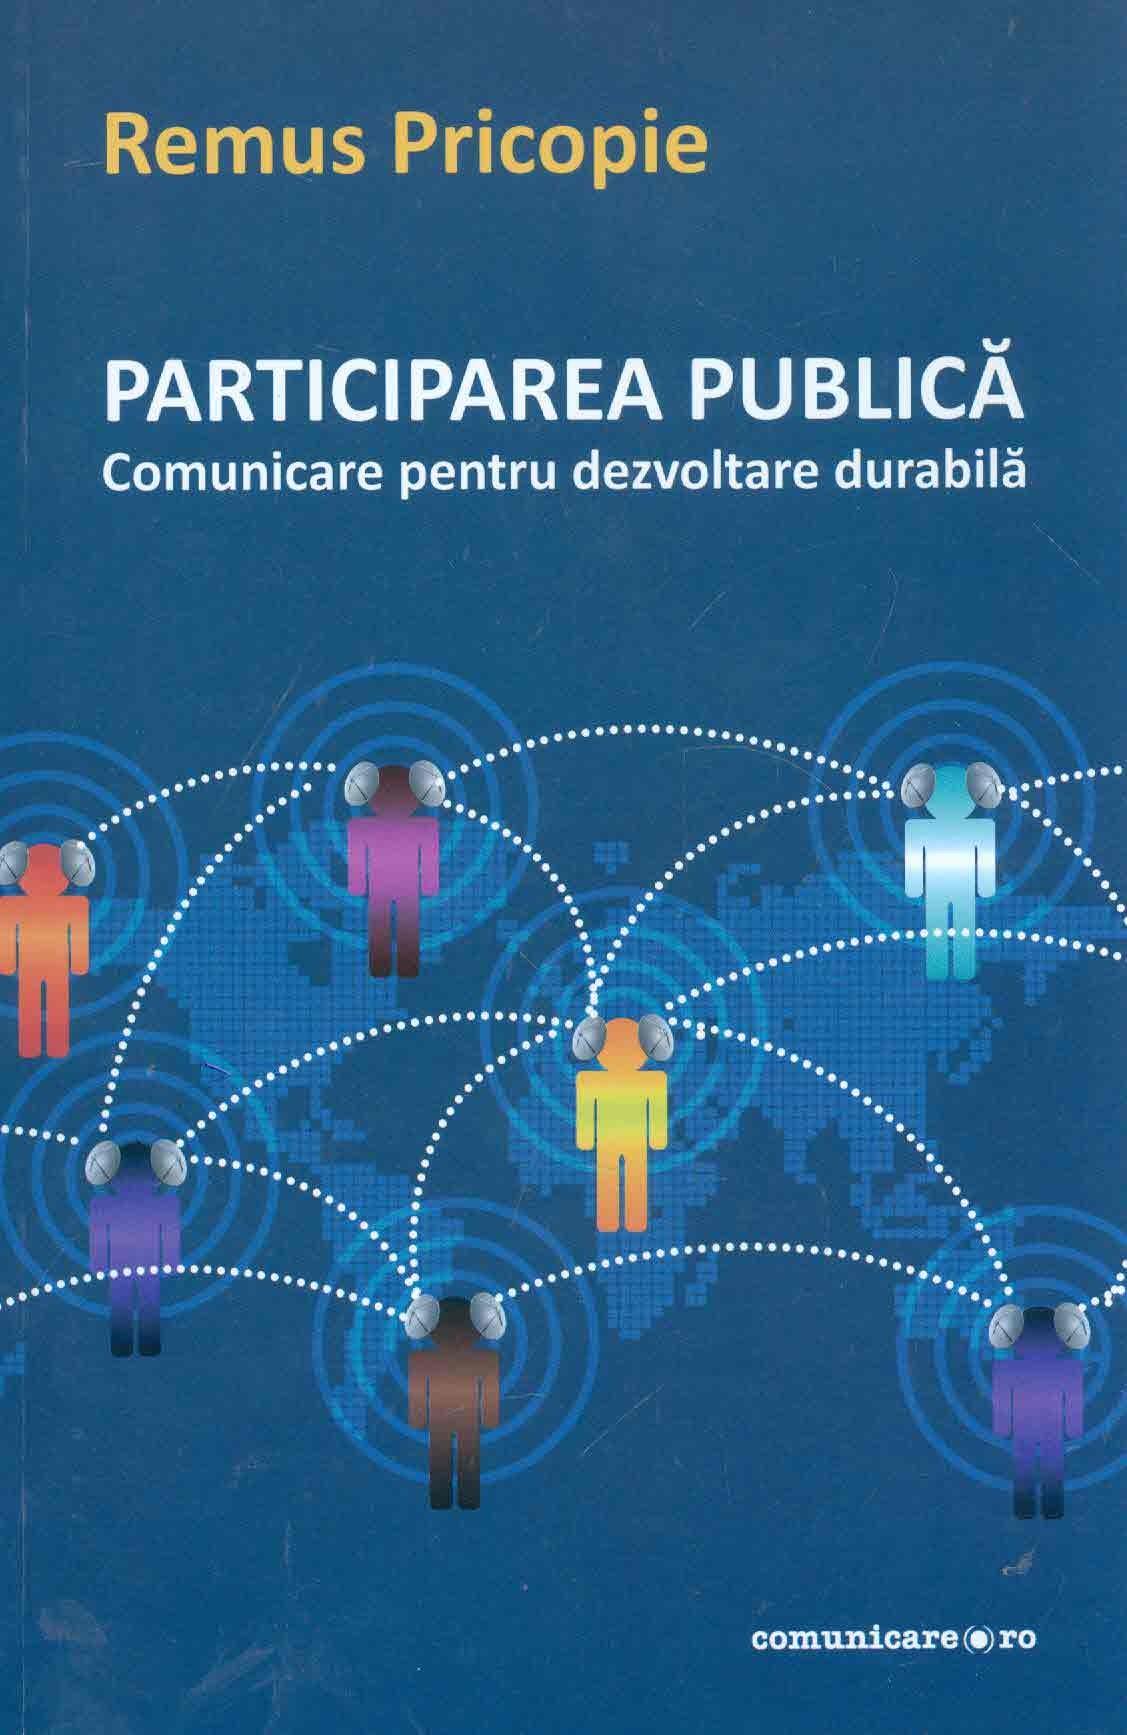 Participarea publica: comunicare pentru dezvoltare durabila